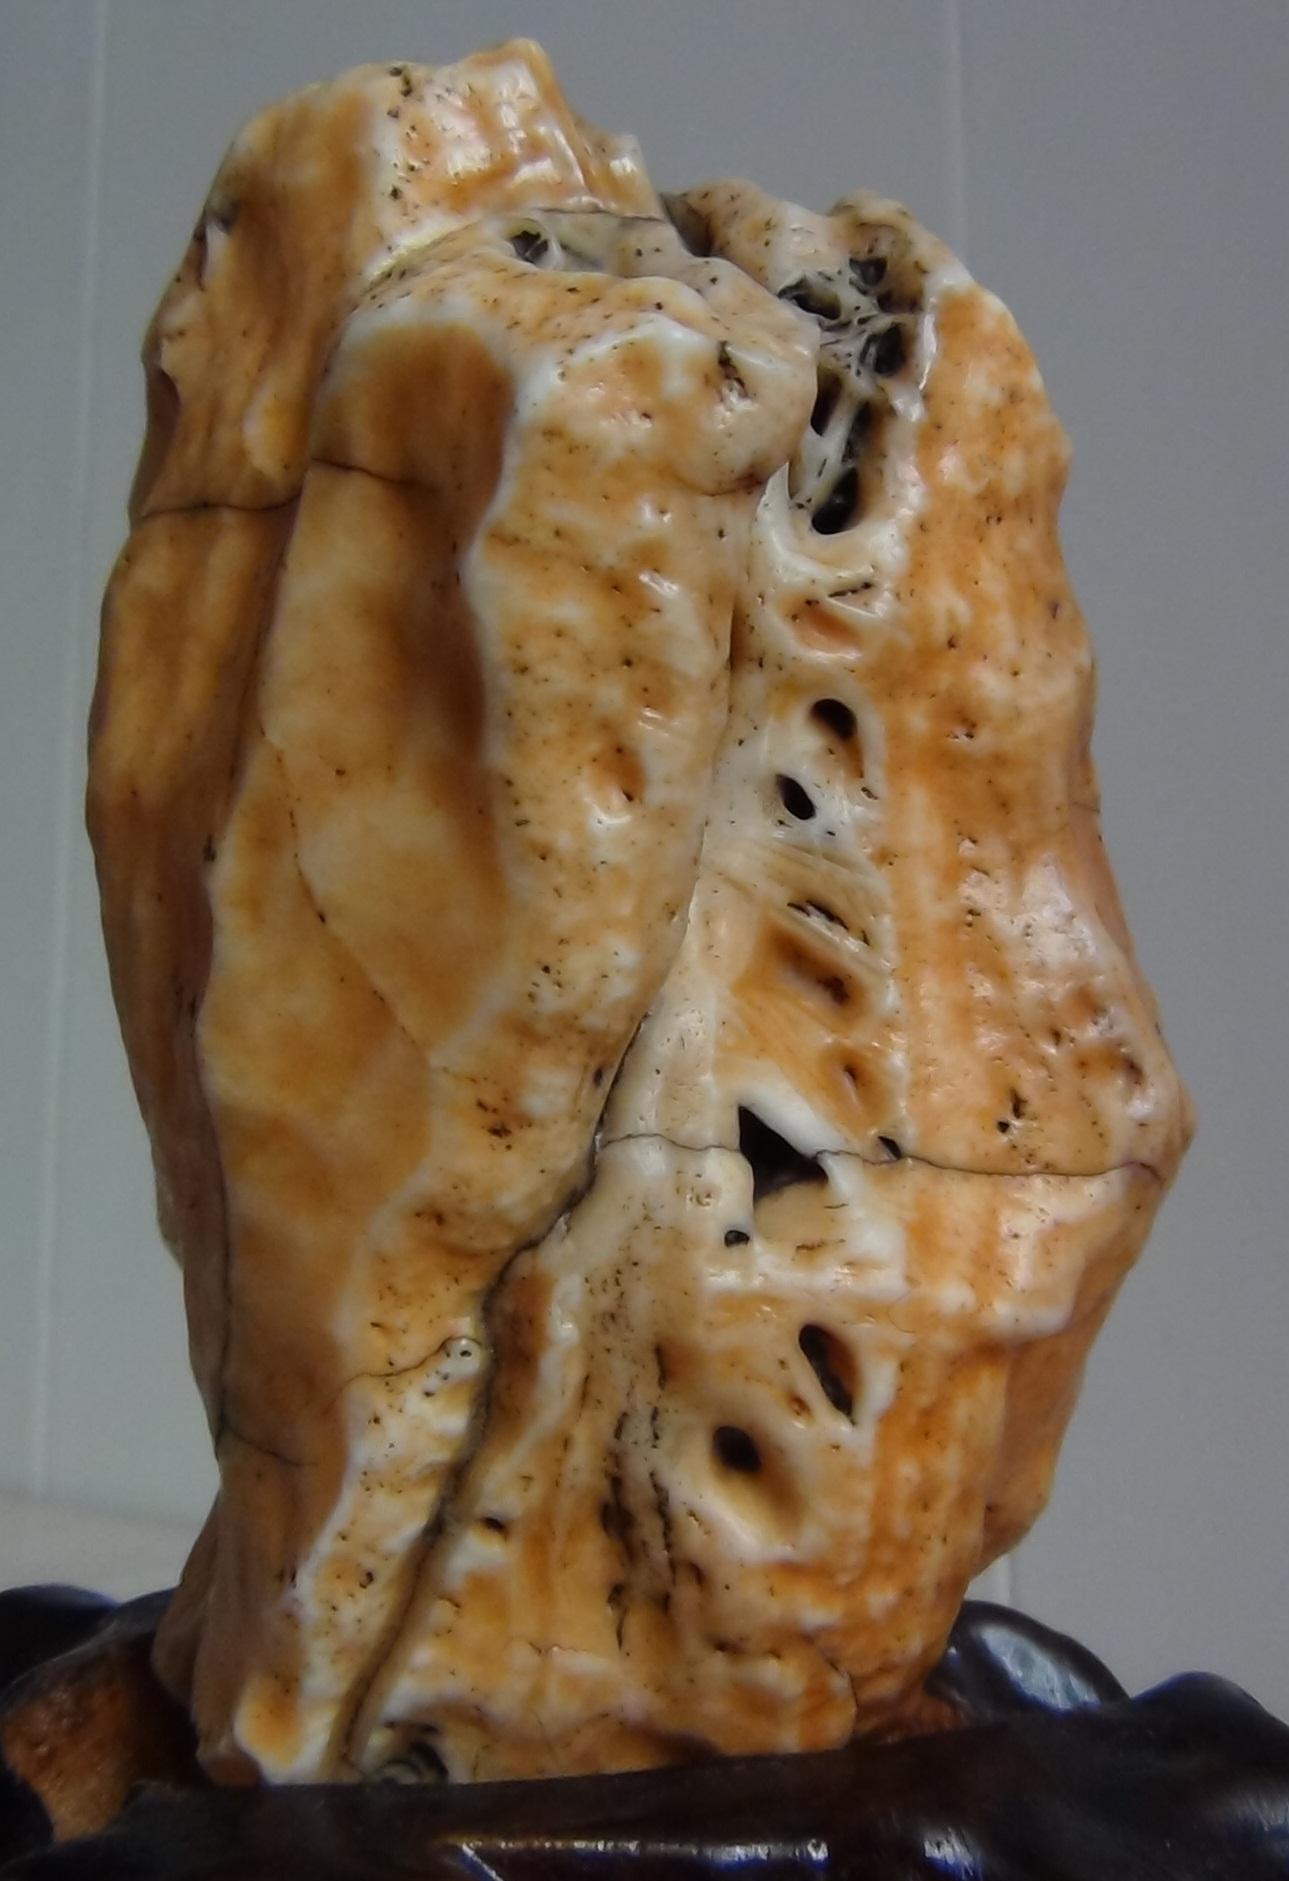 新疆沙漠漆奇石图片_戈壁石 沙漠漆 马牙石 老皮 玛瑙 风砺石 阿拉善奇石 精品沙漠漆